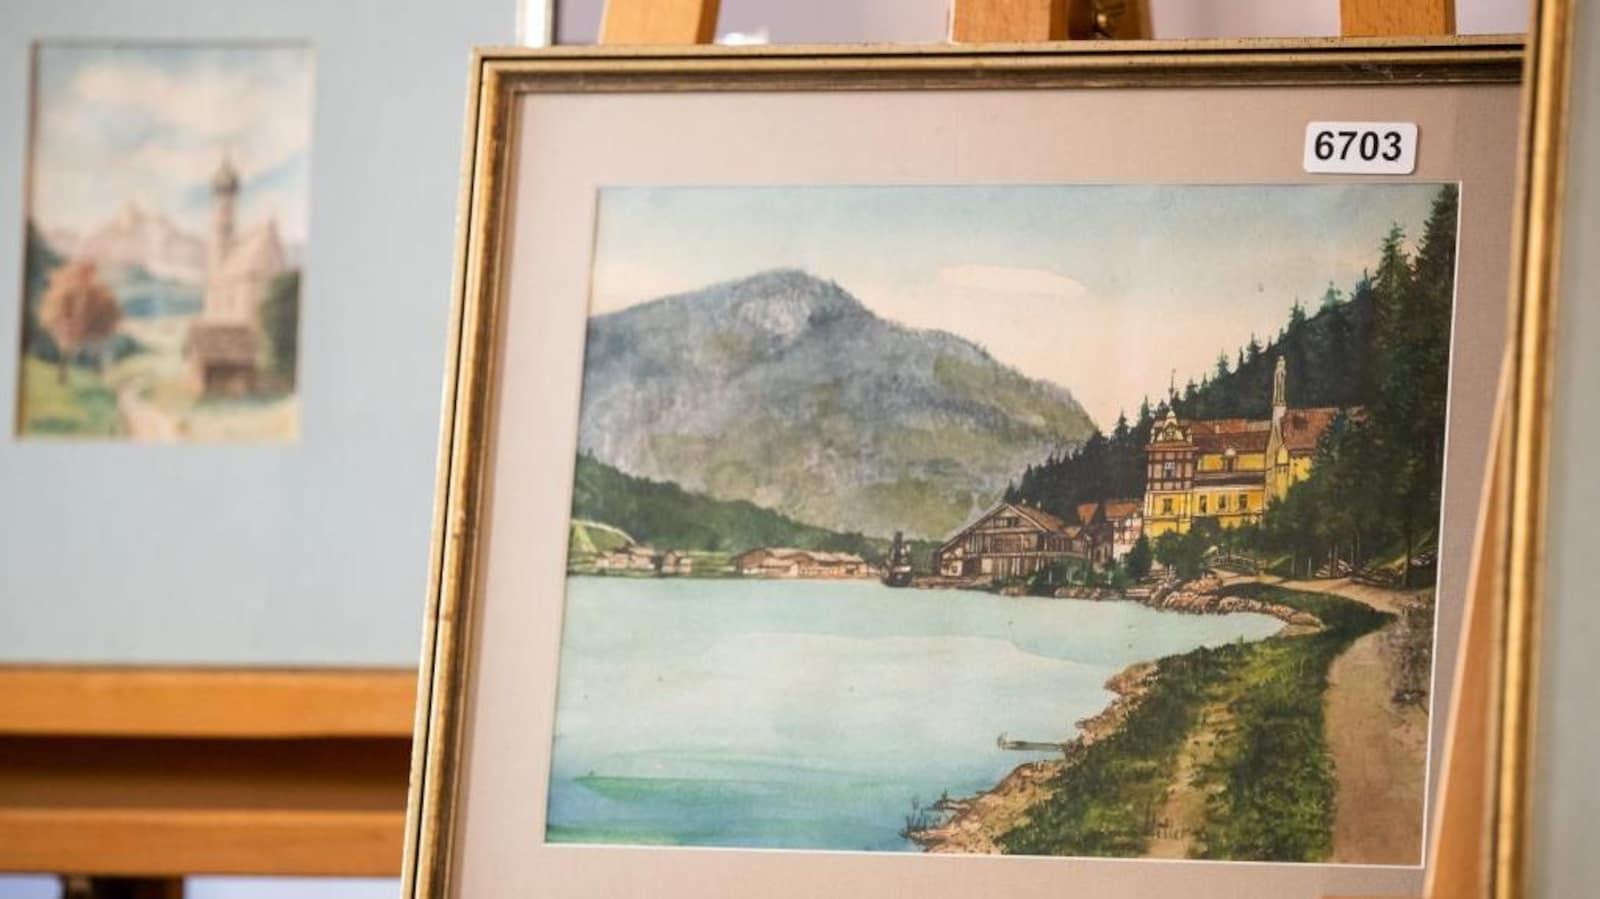 Tableau représentant un village allemand au bord de l'eau avec une montagne au fond.